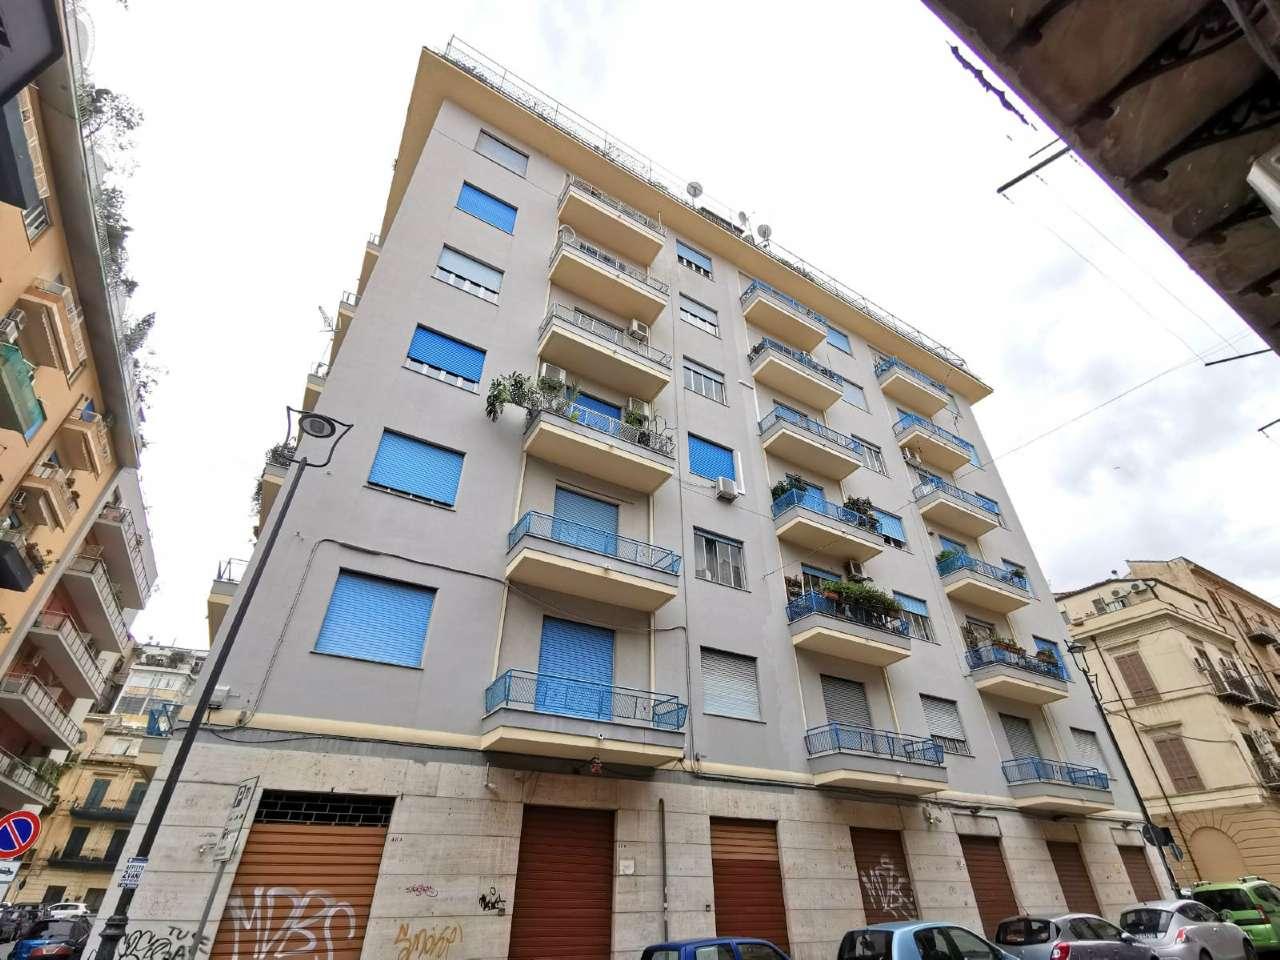 Appartamento in Vendita a Palermo:  4 locali, 115 mq  - Foto 1